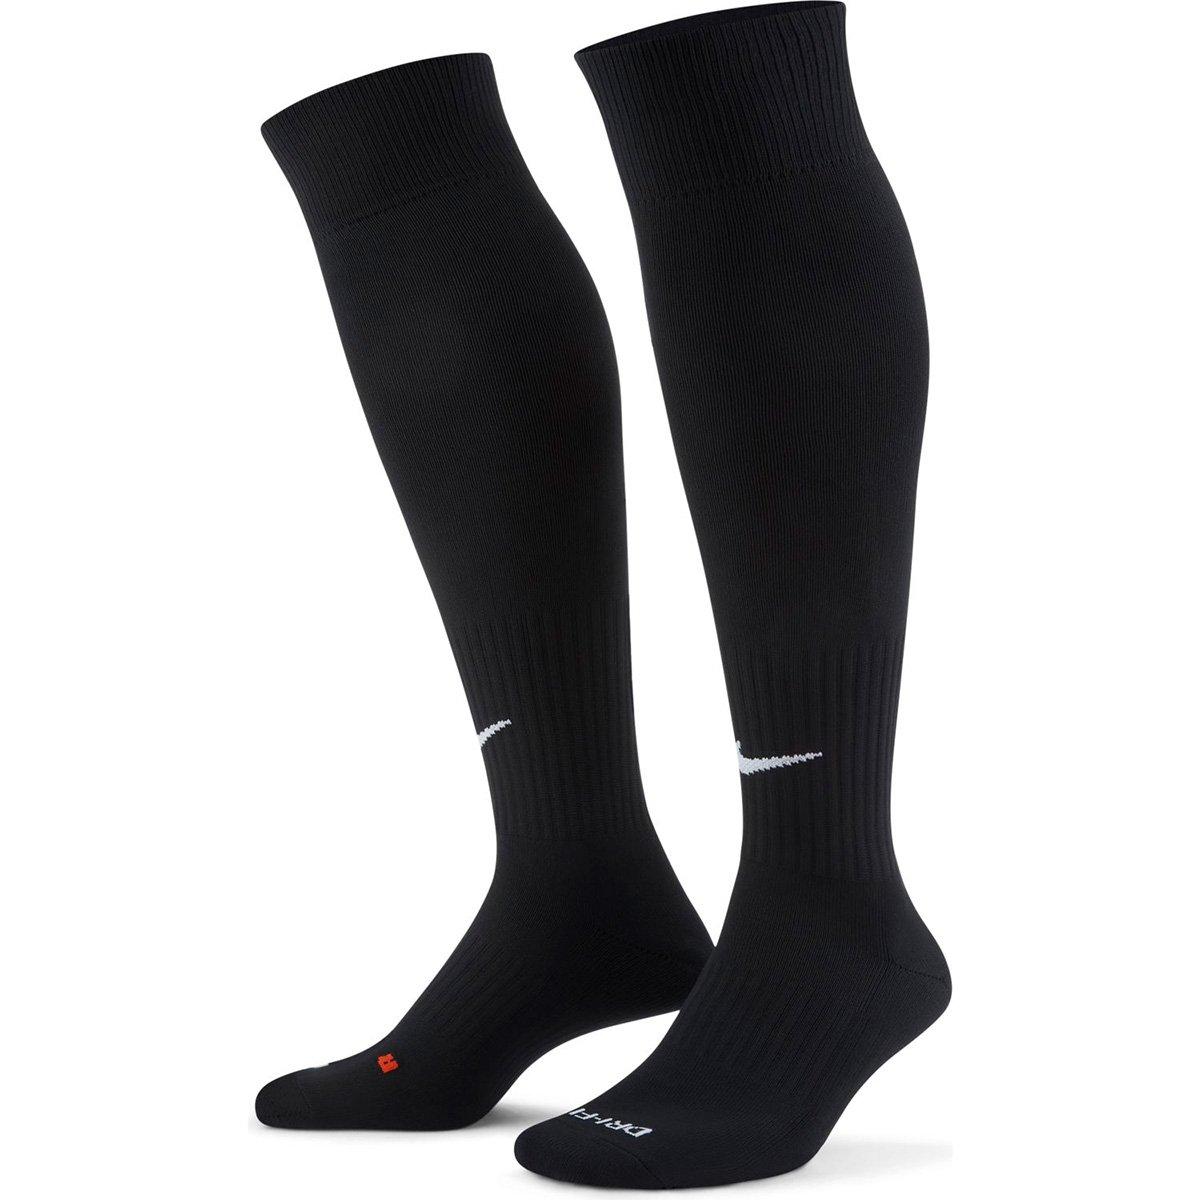 Meião Nike Classic Football Dri-FIT - Tam: G